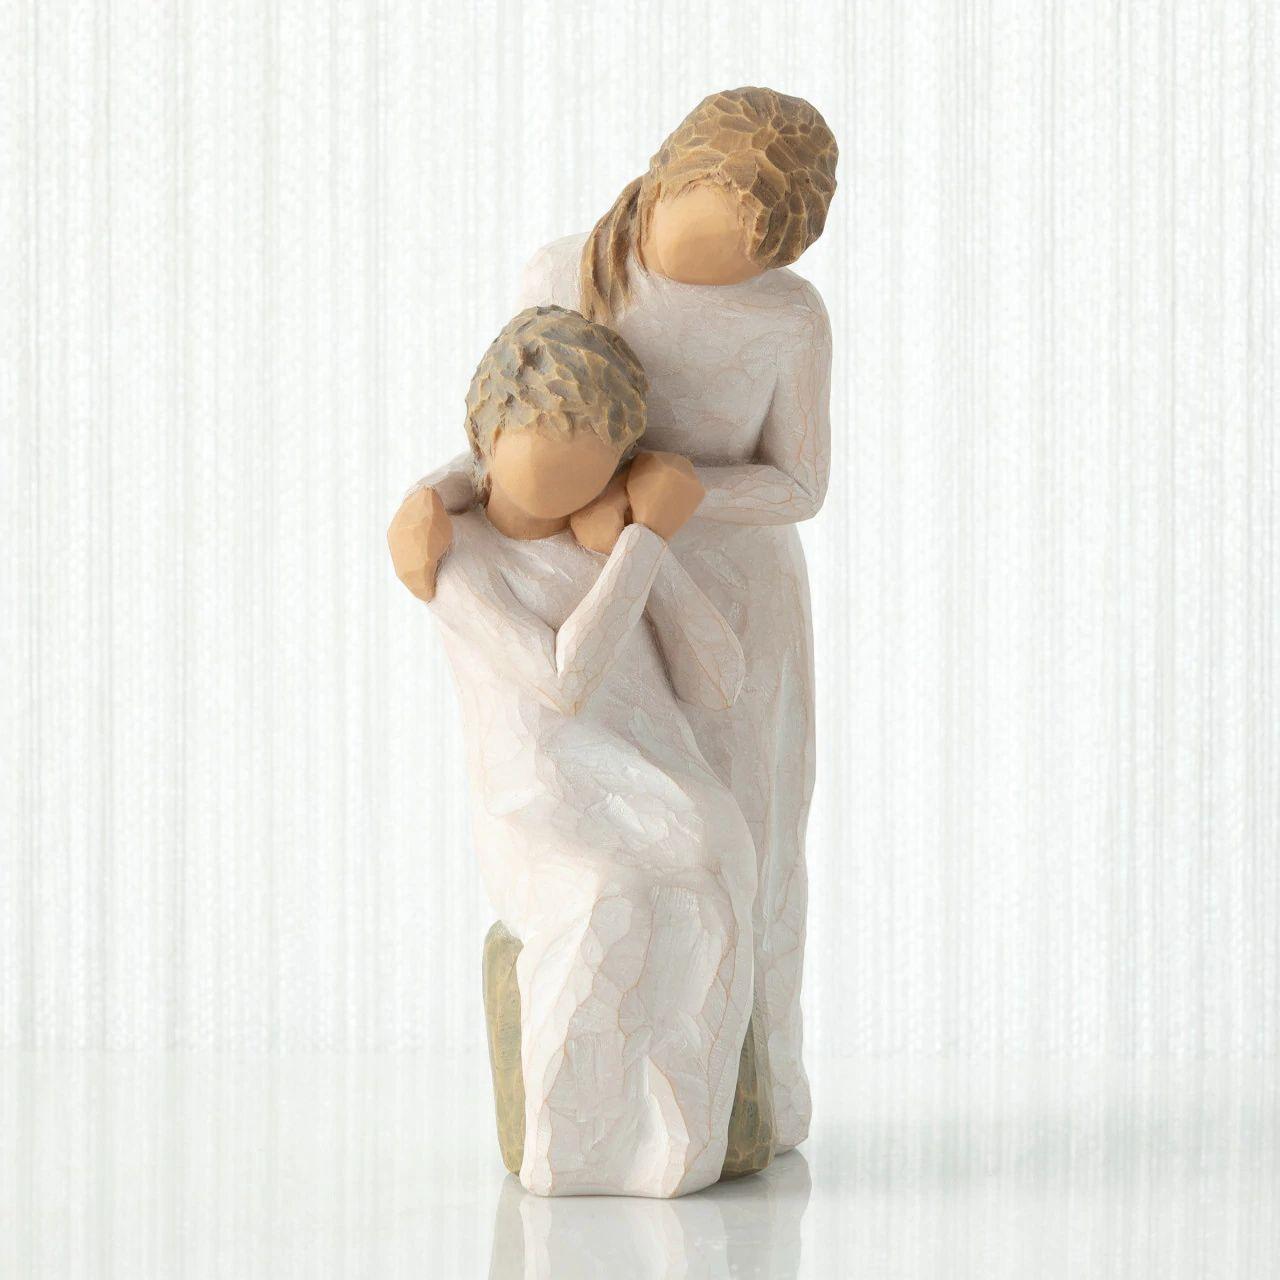 ウィローツリー 彫像 【Loving My Mother】 - 大好きなお母さん